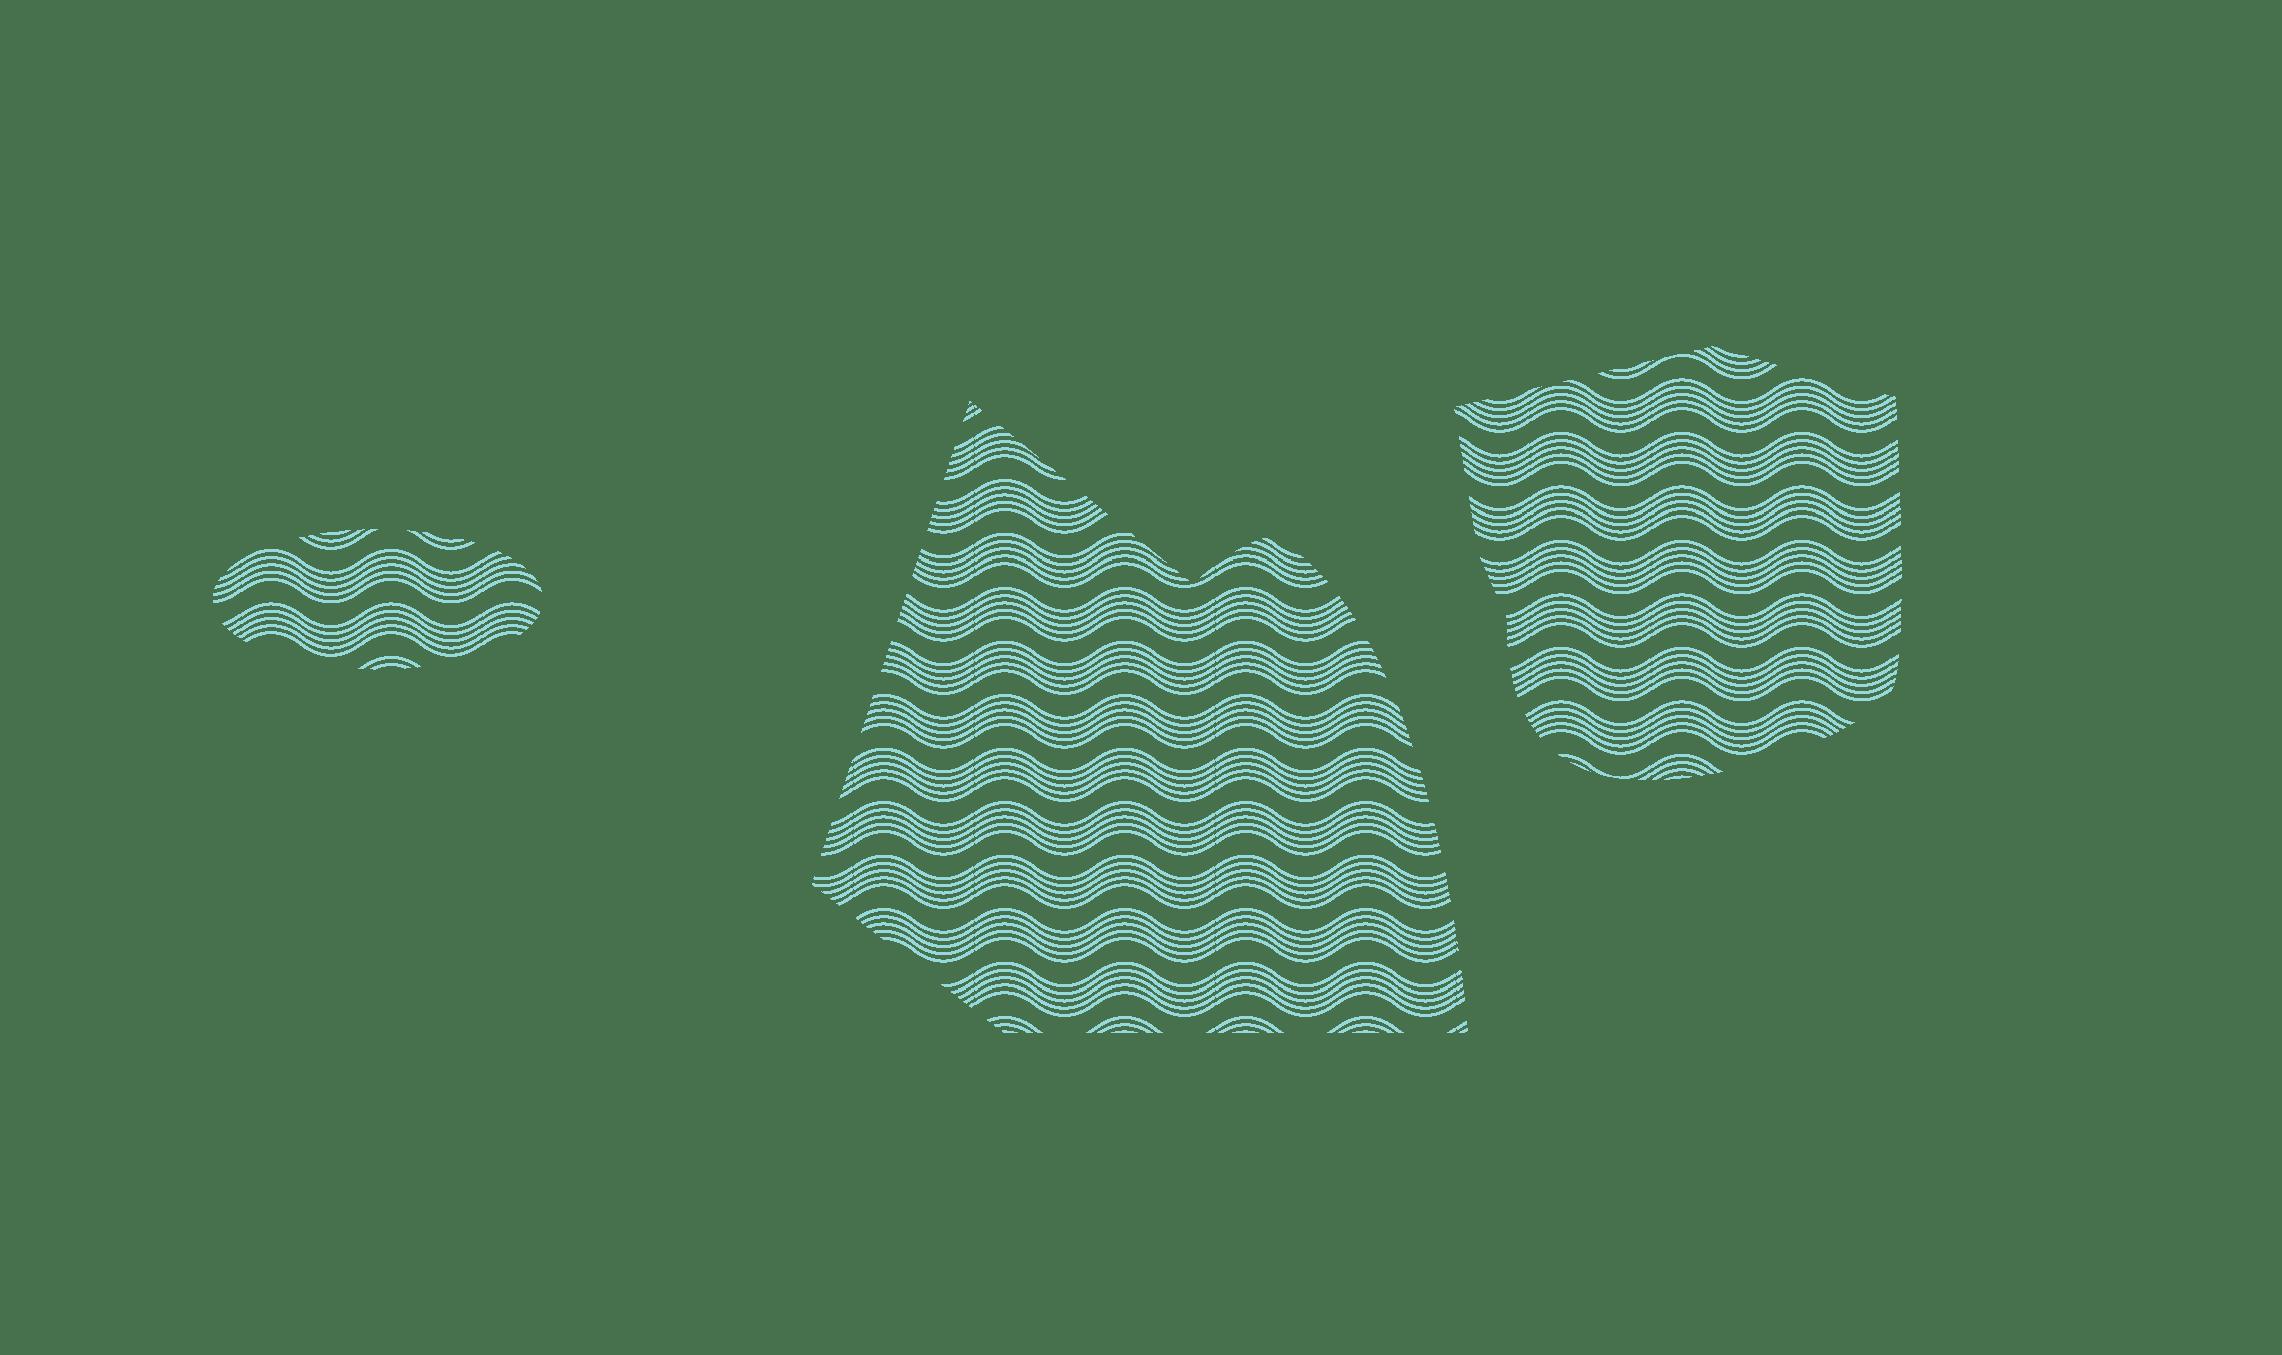 mer dangereuse